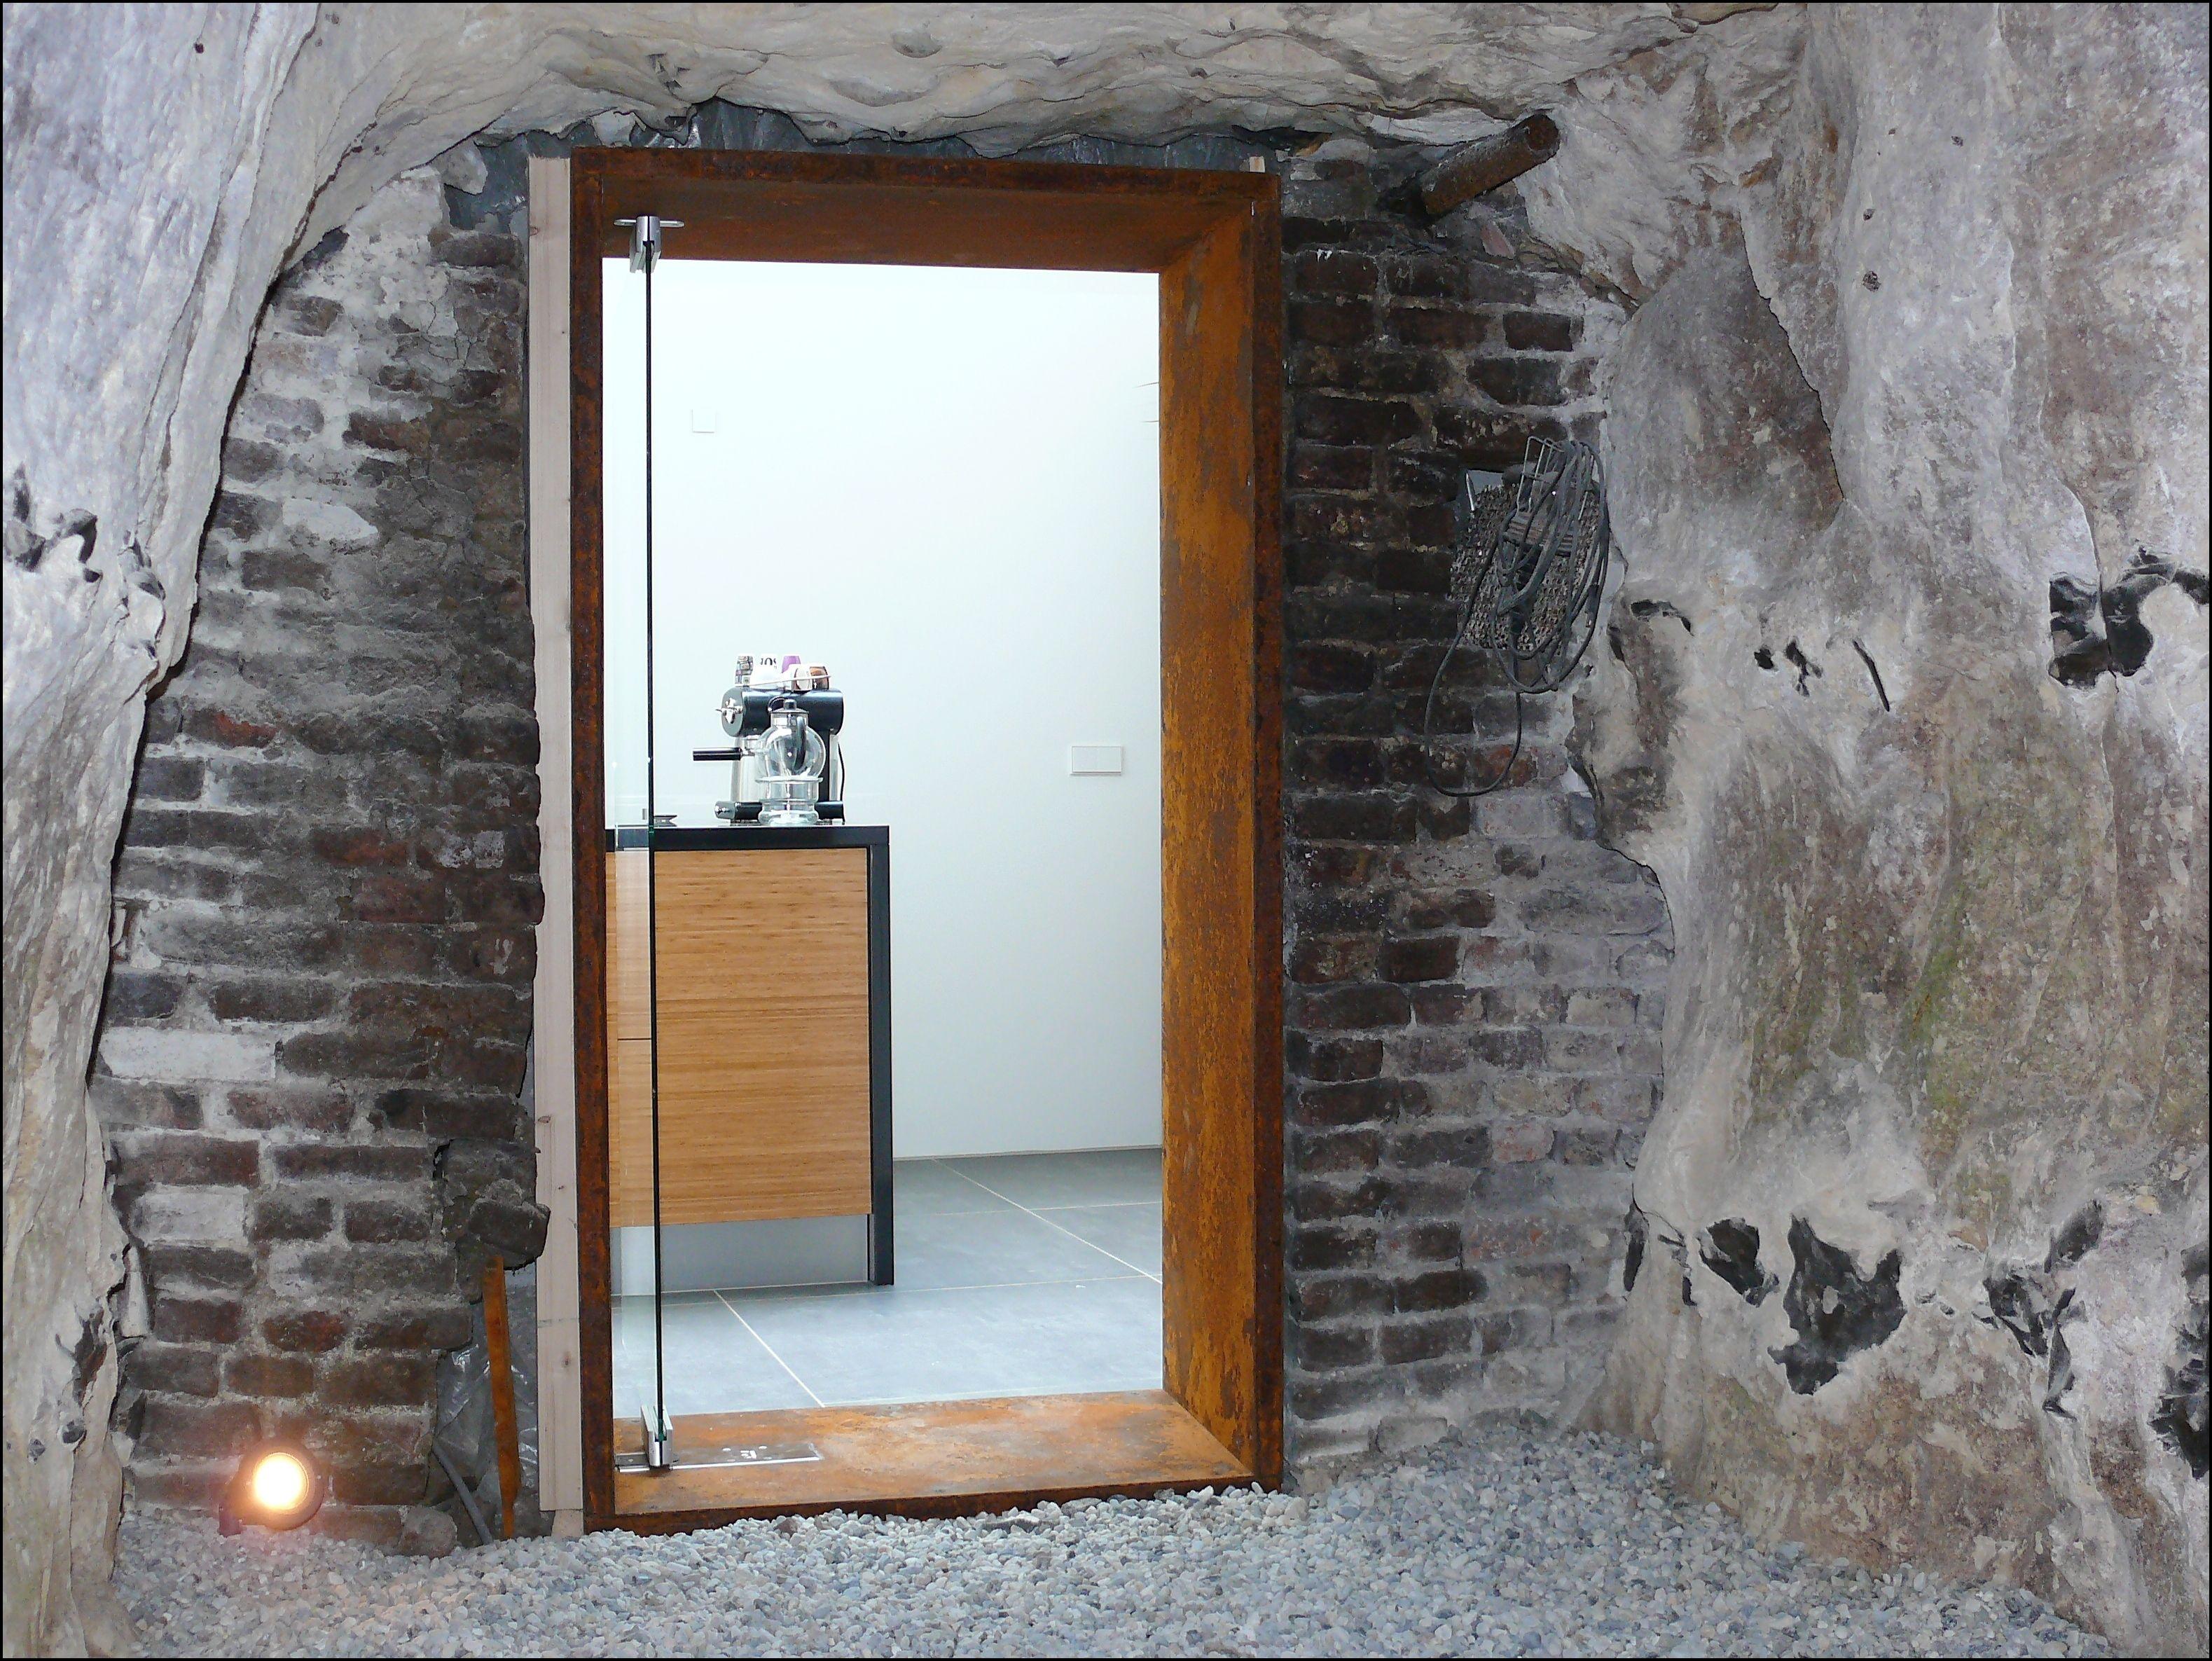 House brick wall corten steel frame glass door. Woning gemetselde muur & House: brick wall corten steel frame glass door. Woning ...